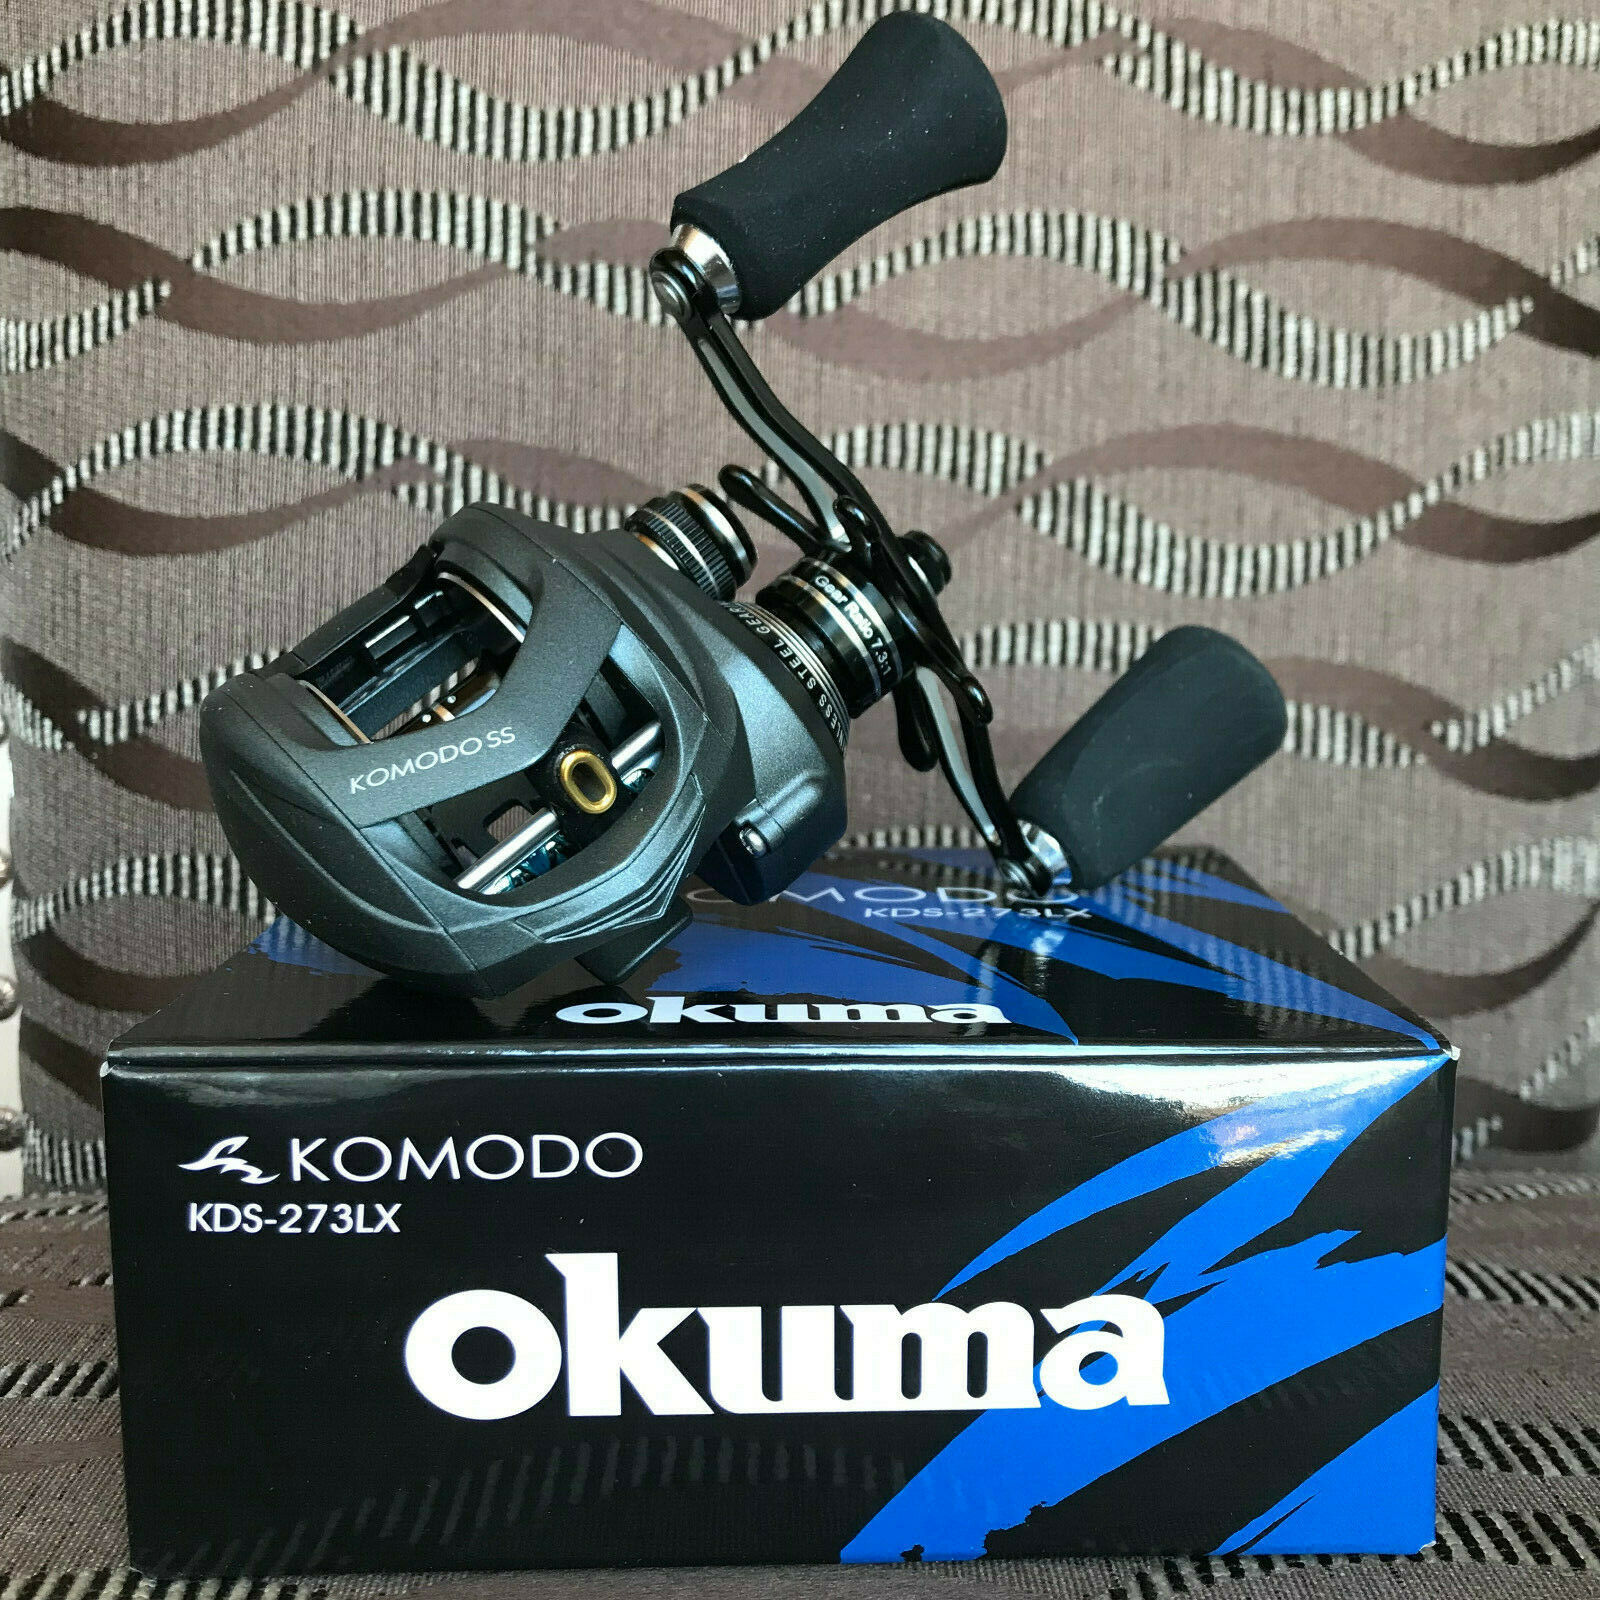 Okuma Komodo SS KDS -273LX Linke Hand baitcastrolle